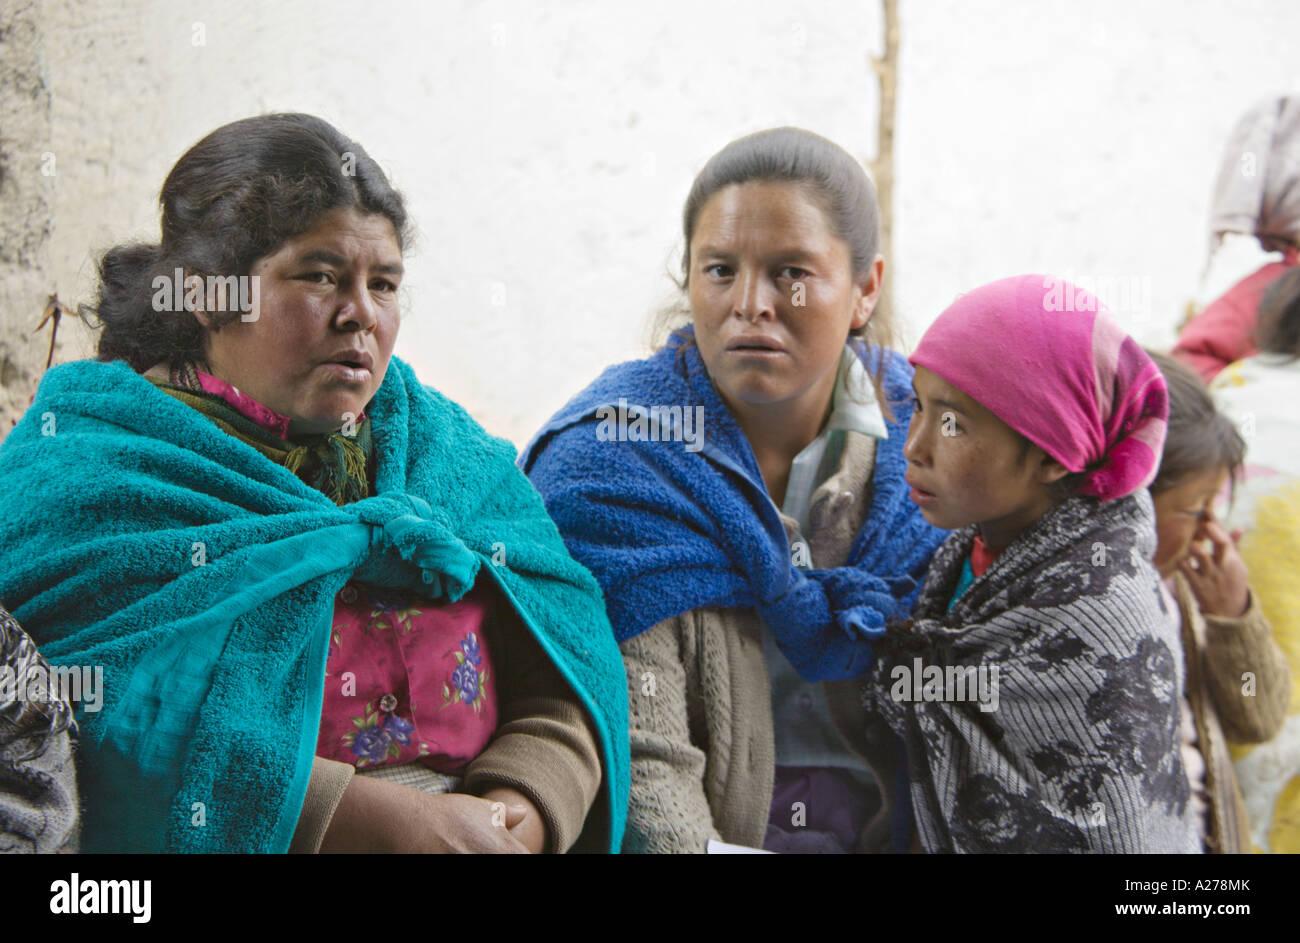 a5ee00df75815 ... hombres en sombreros de vaqueros a la espera de ser atendidos en la clínica  médica. A278XP (RM). GUATEMALA CAPELLANIA indígenas maya Quiche